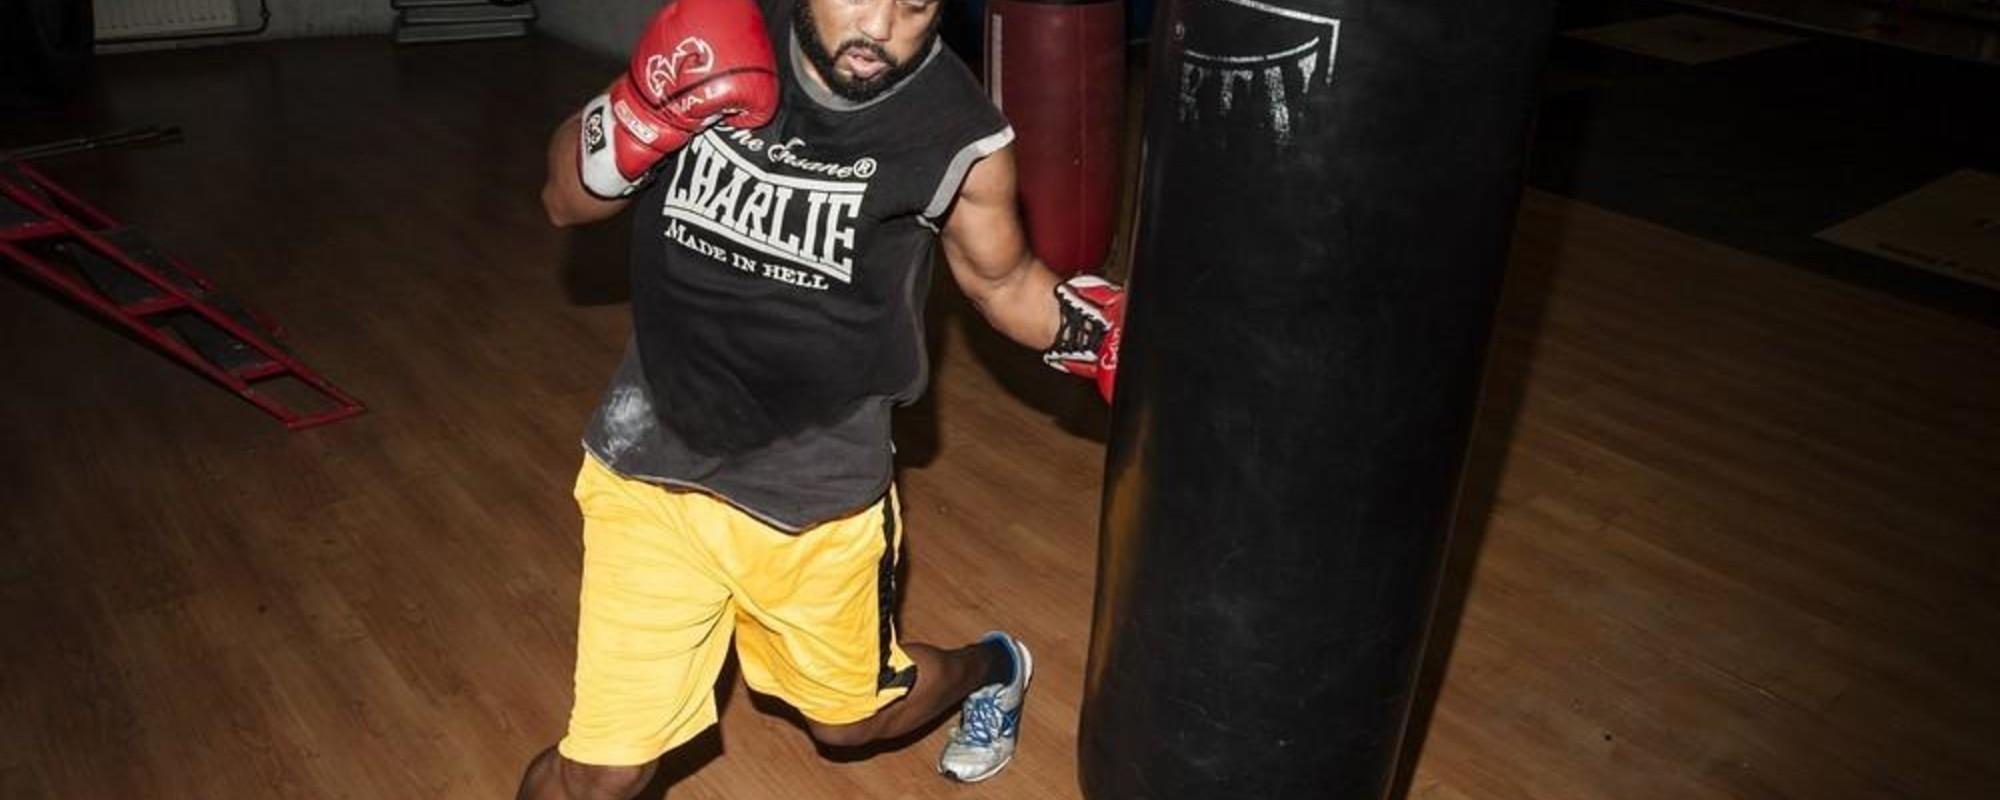 Gabri Campillo: 16 años peleando para sobrevivir en un ring